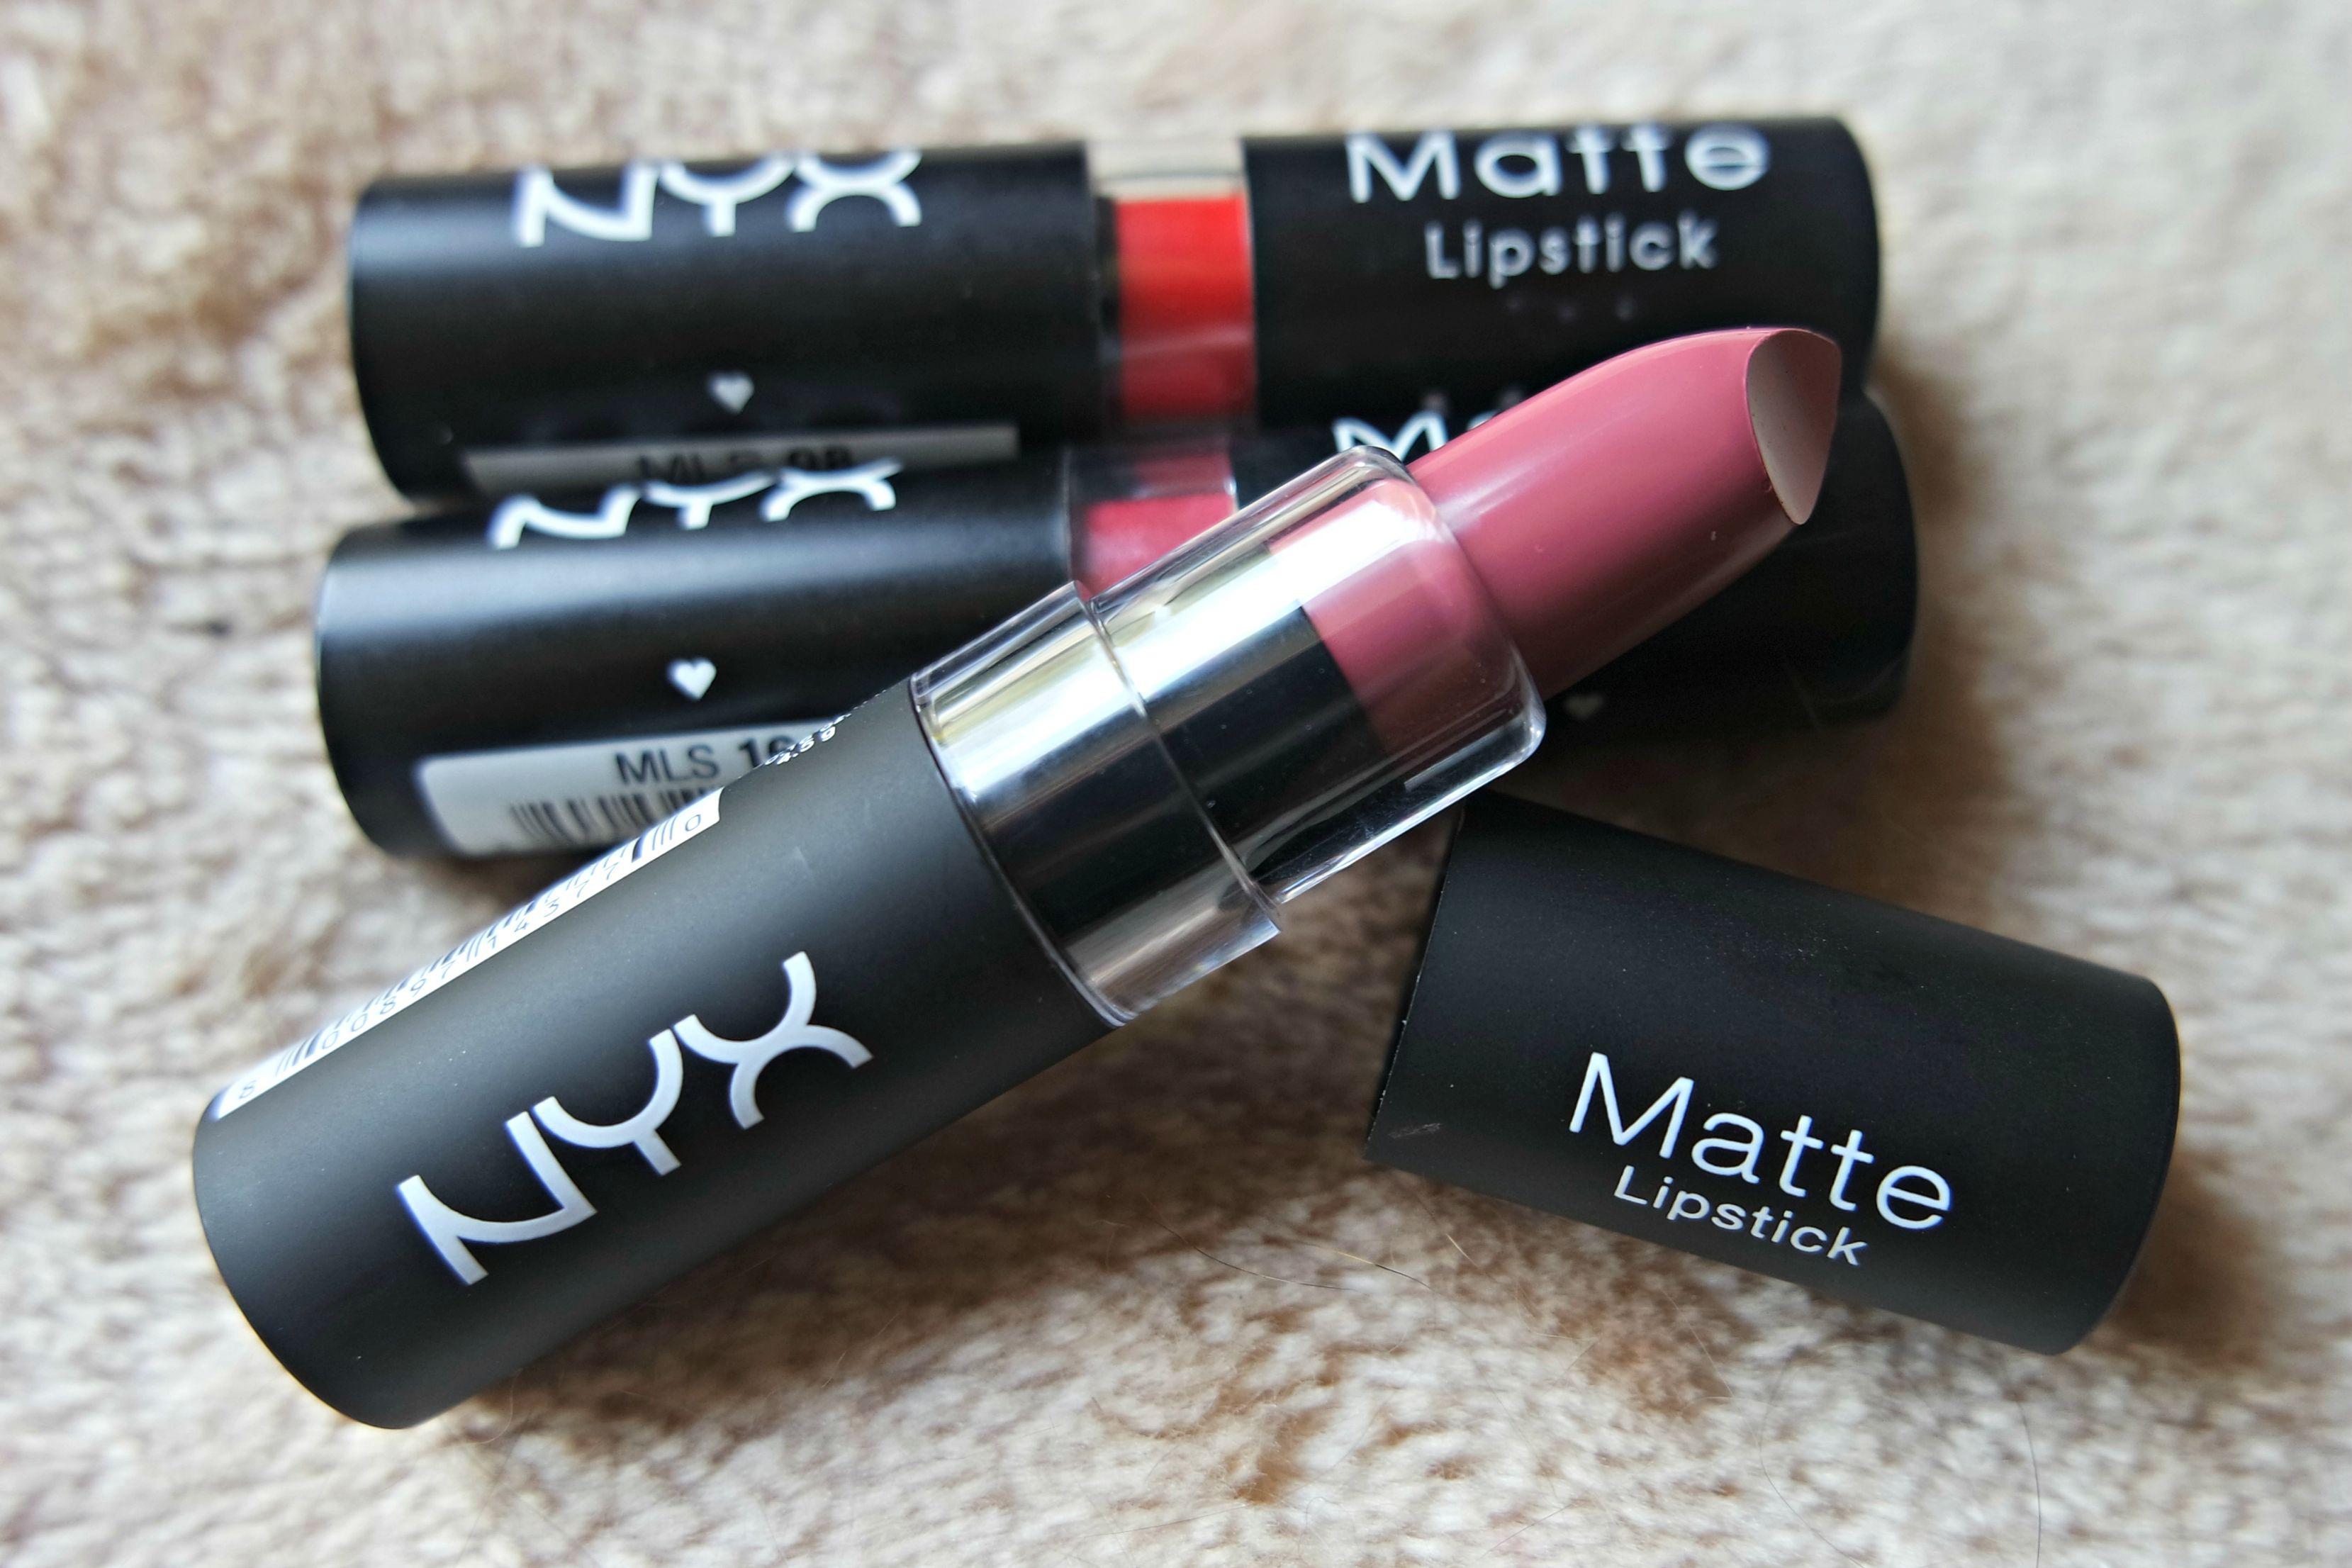 NYX Matte Lipsticks - The Beautynerd